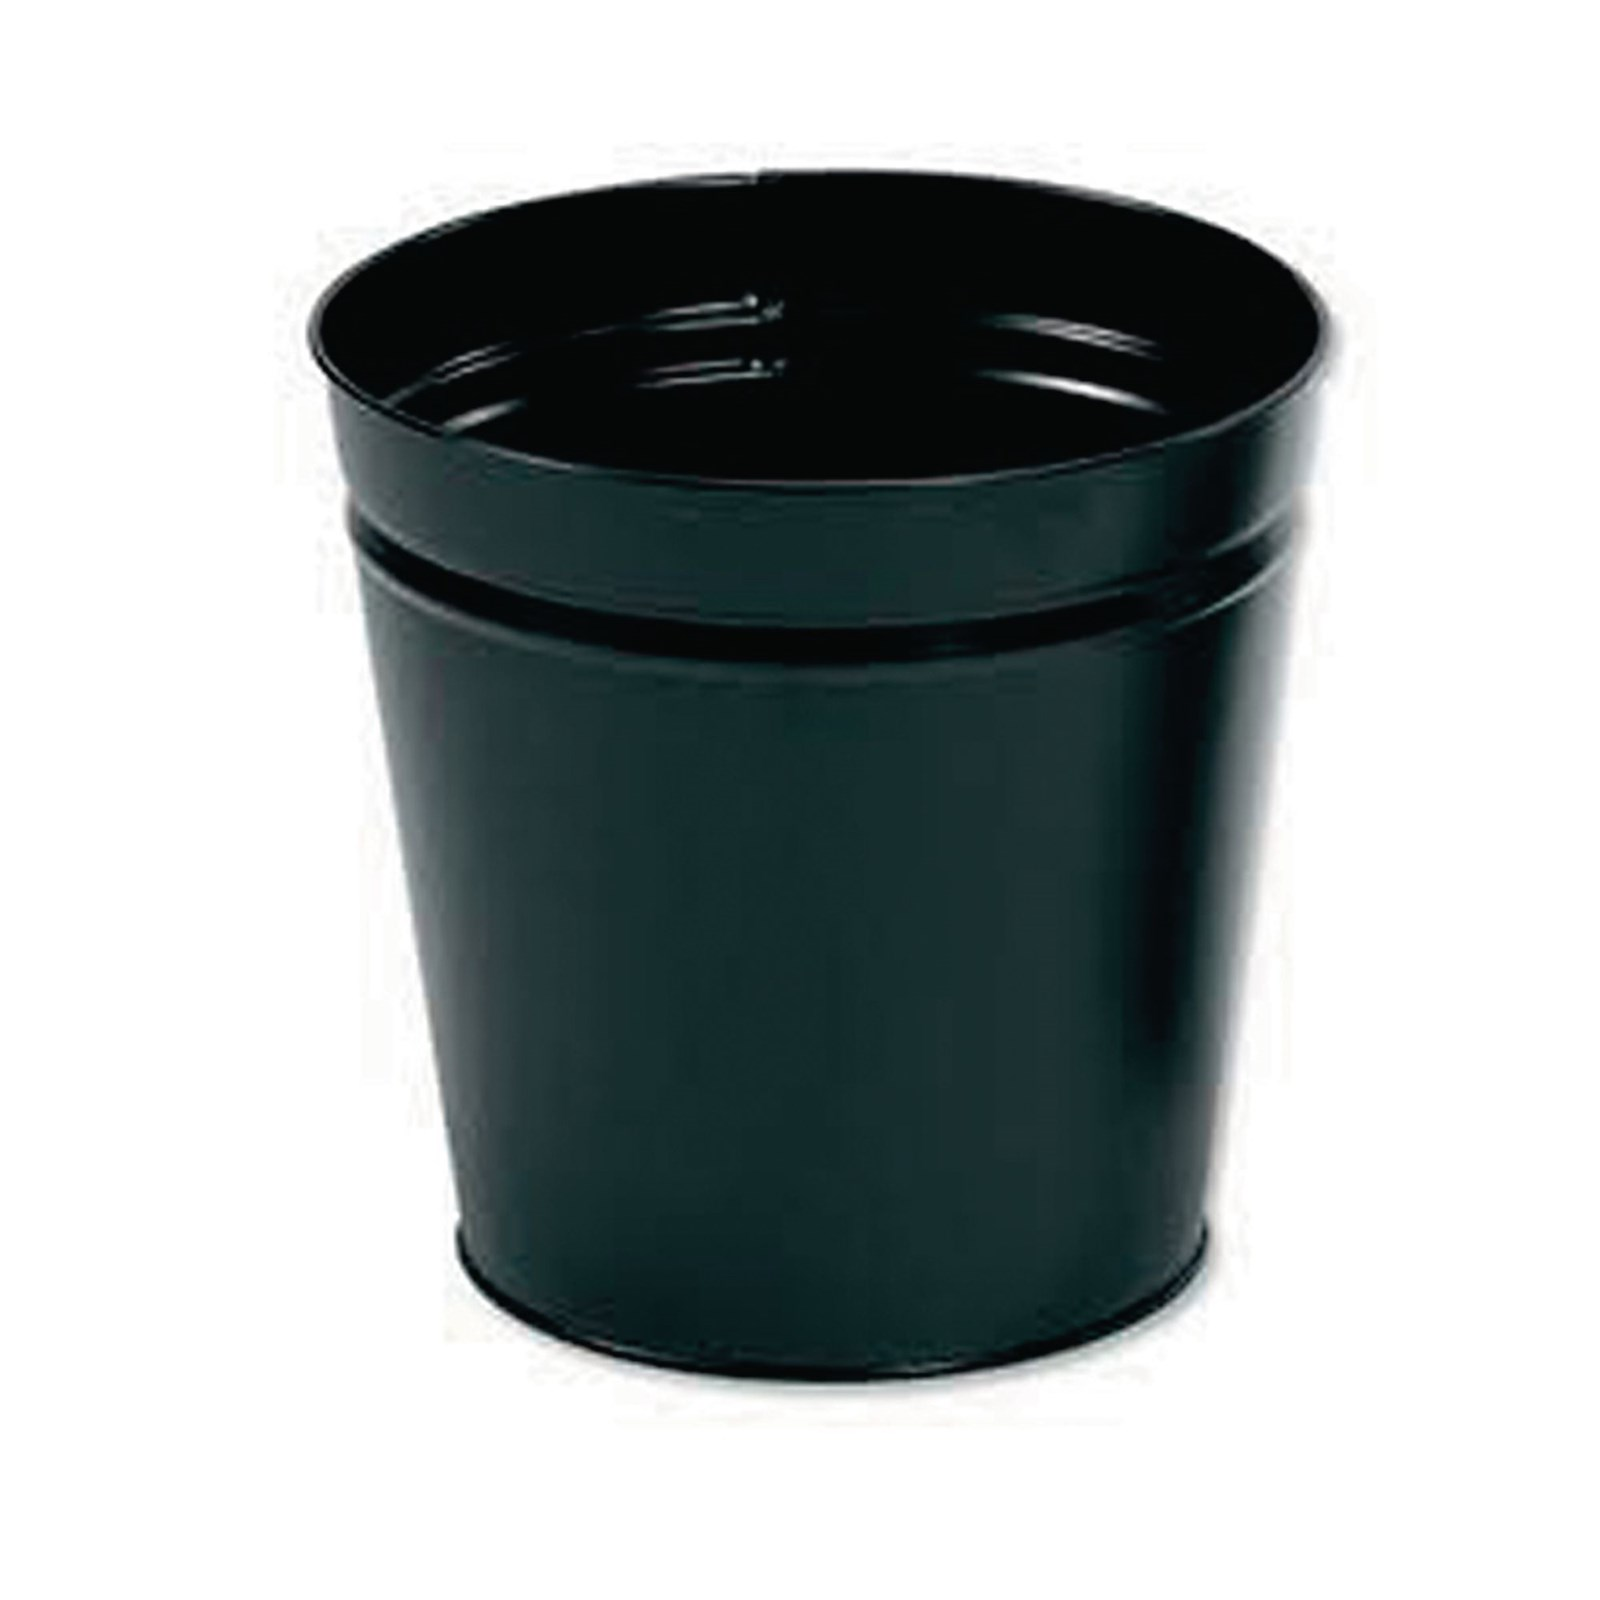 Metal Waste Paper Bins - Black